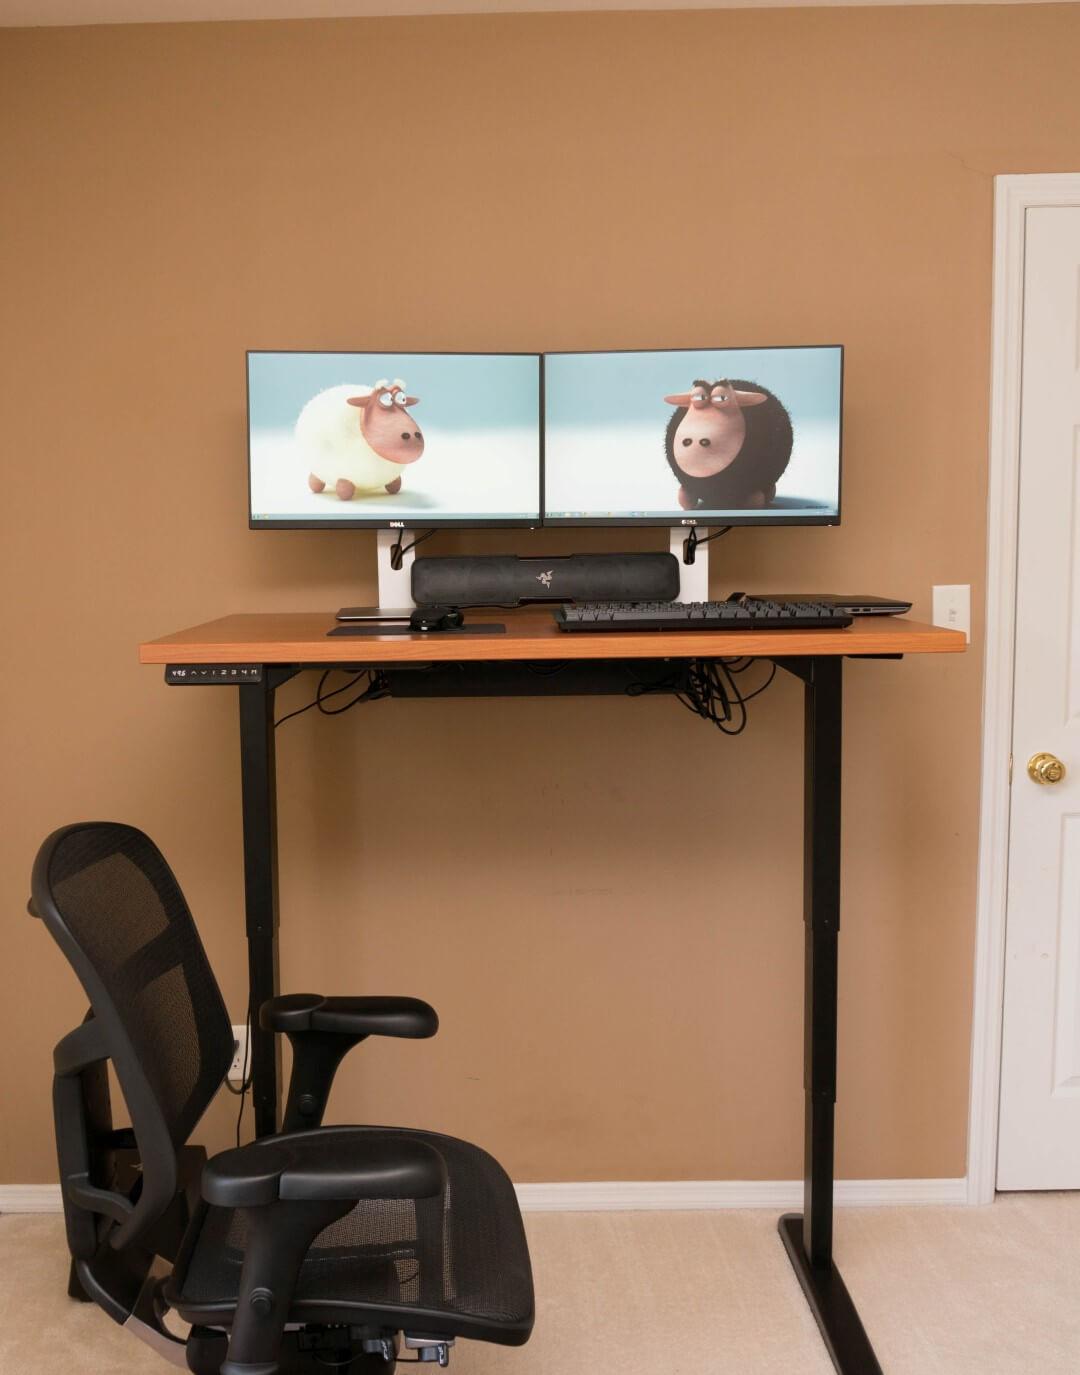 jarvis sit stand desk review. Black Bedroom Furniture Sets. Home Design Ideas